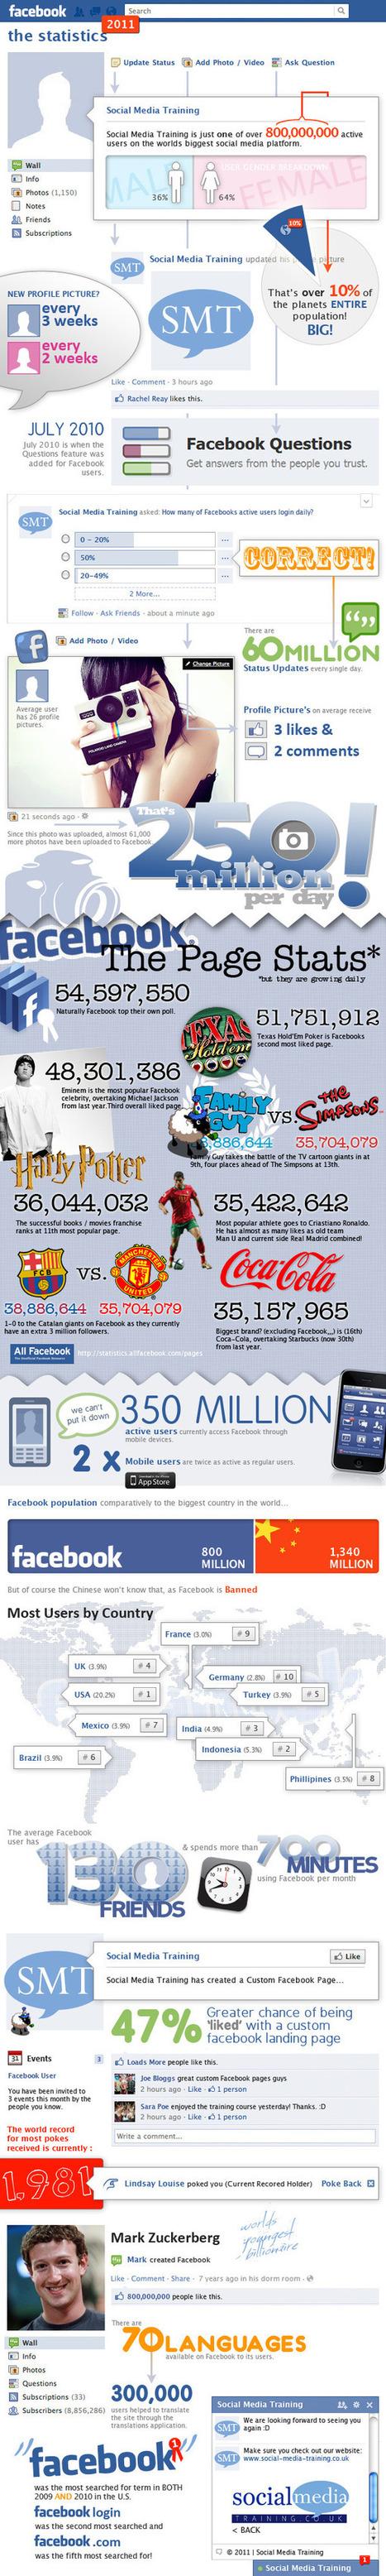 2011 Facebook Statistics | Social Media Buzz | Scoop.it